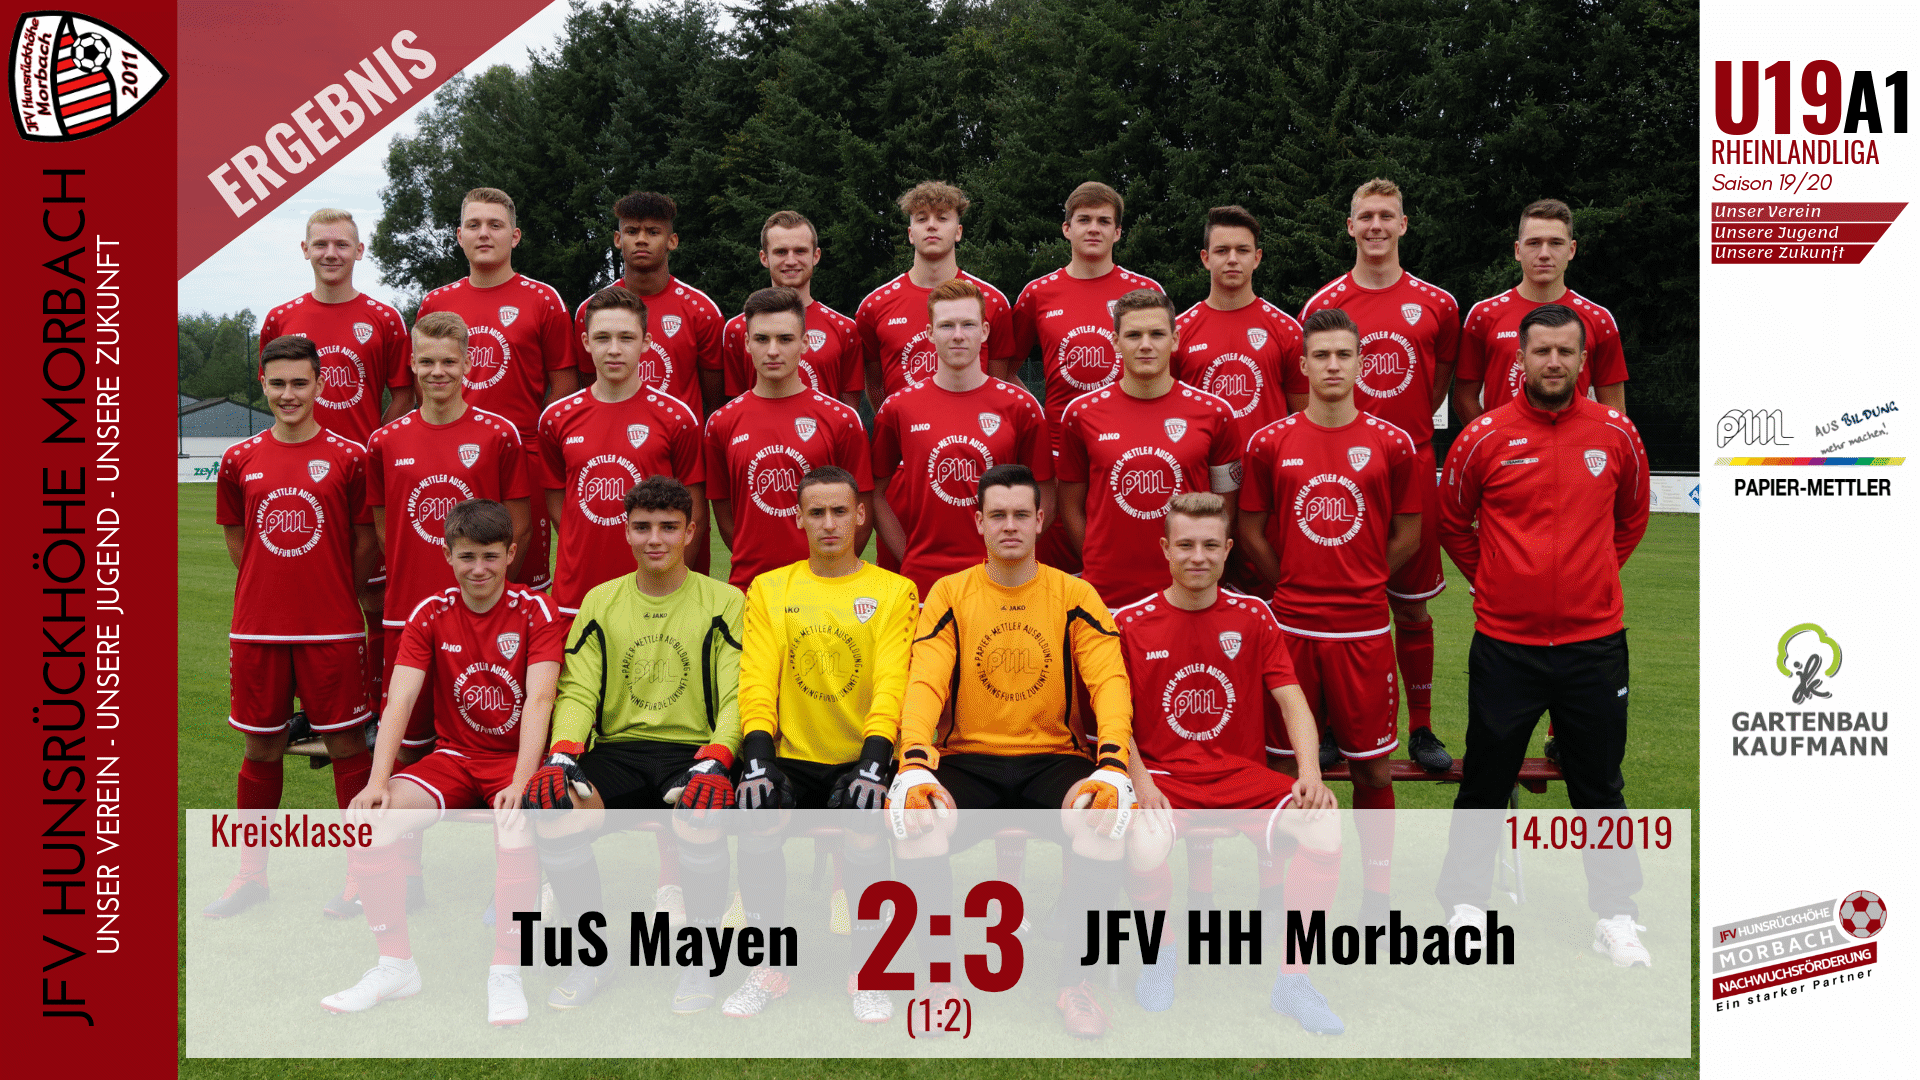 U19 A1: TuS Mayen – JFV Hunsrückhöhe Morbach 2:3 (1:2)